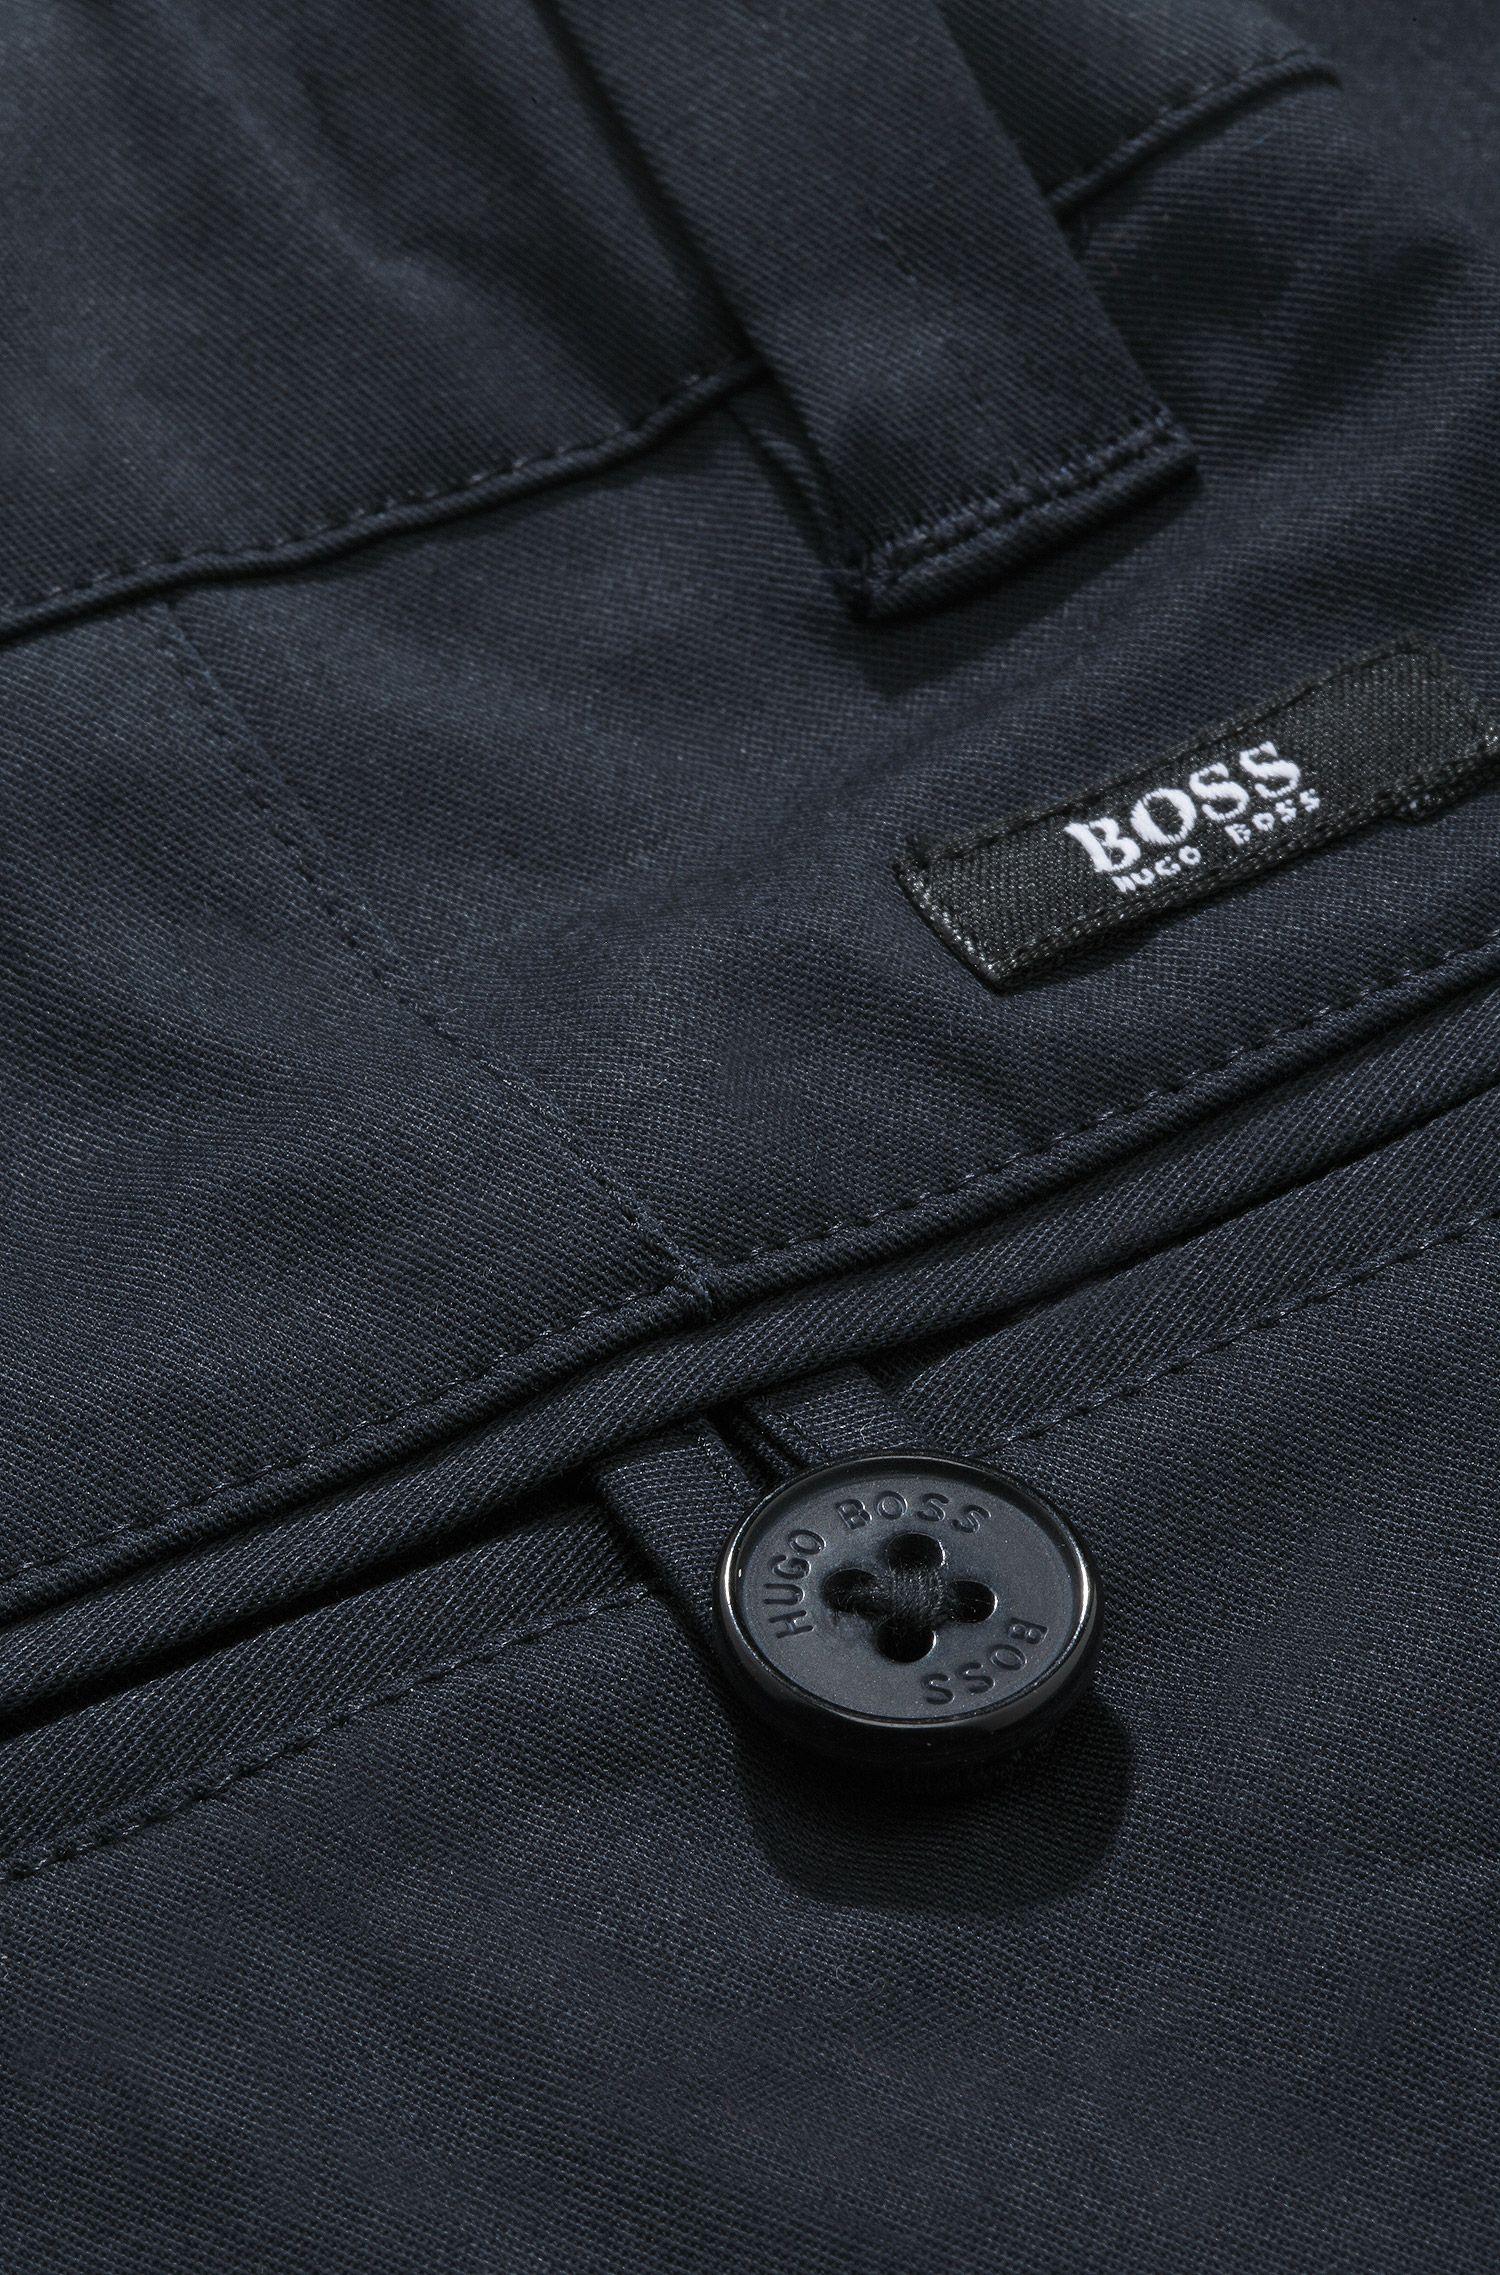 'J04154' | Toddler Cotton Twill Suit Pants